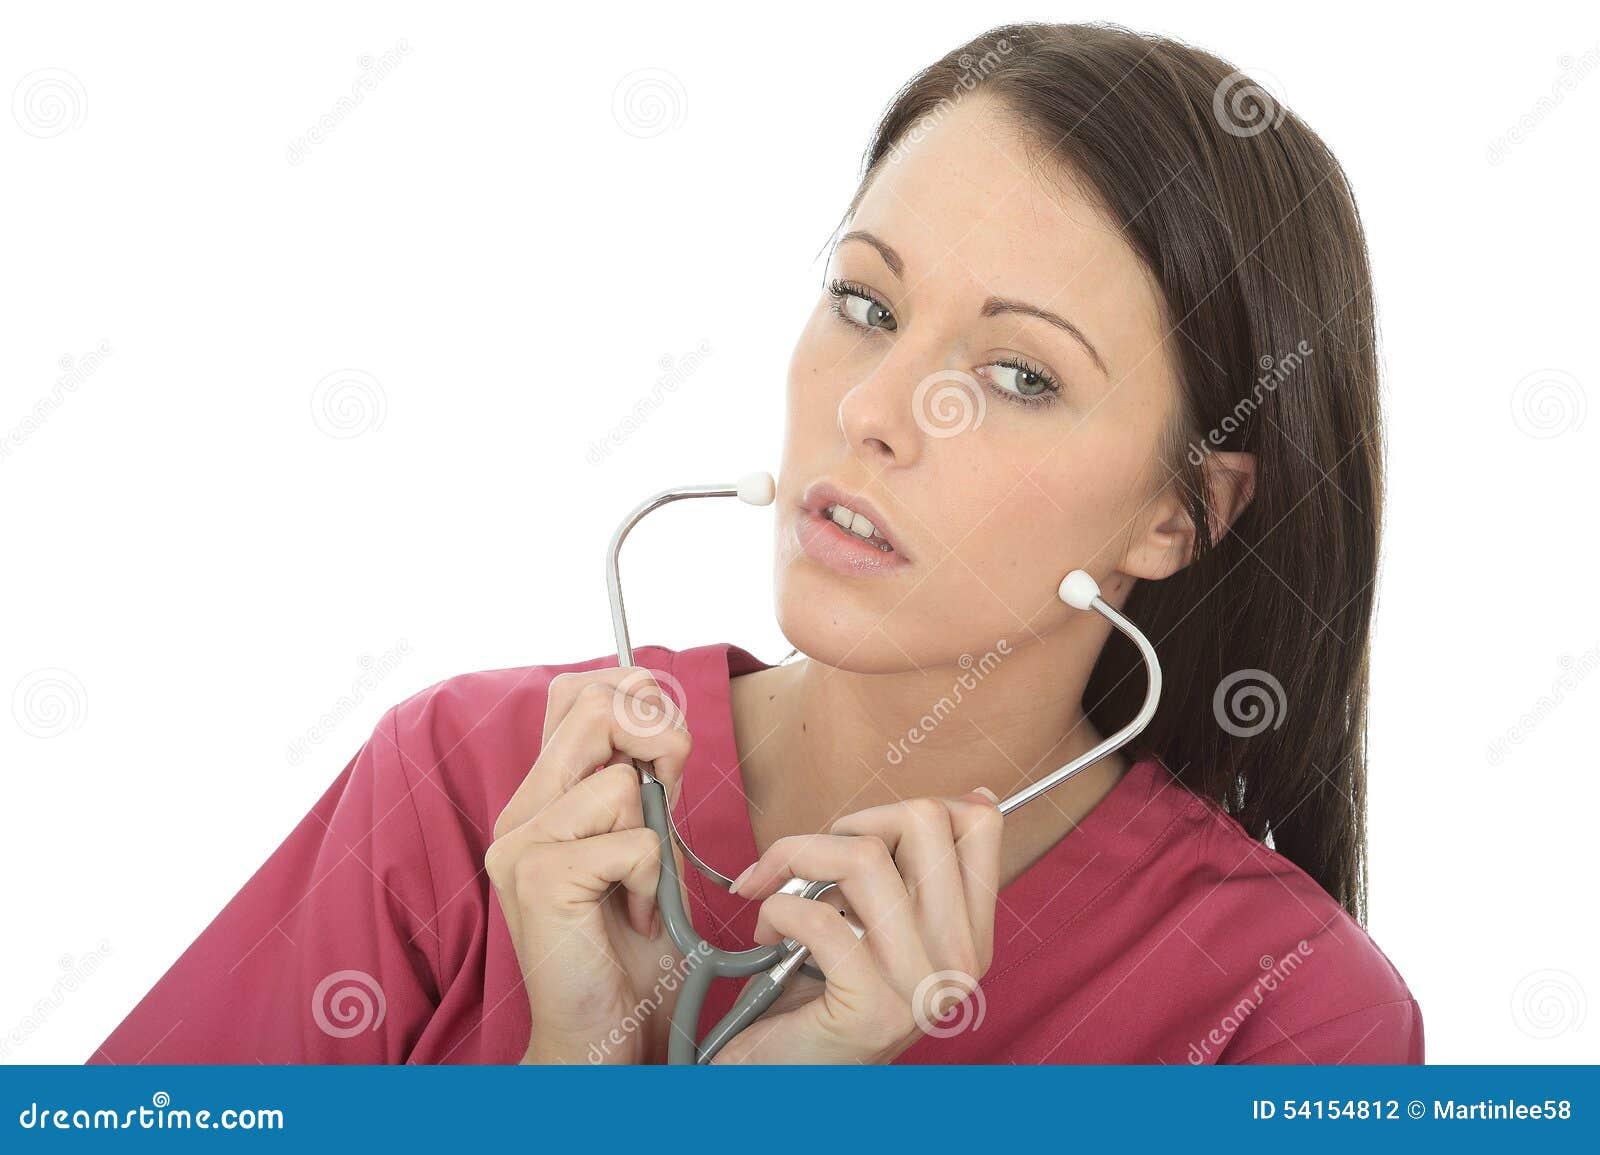 Portret van een Mooie Professionele Ernstige Jonge Vrouwelijke Arts Putting On een Stethoscoop